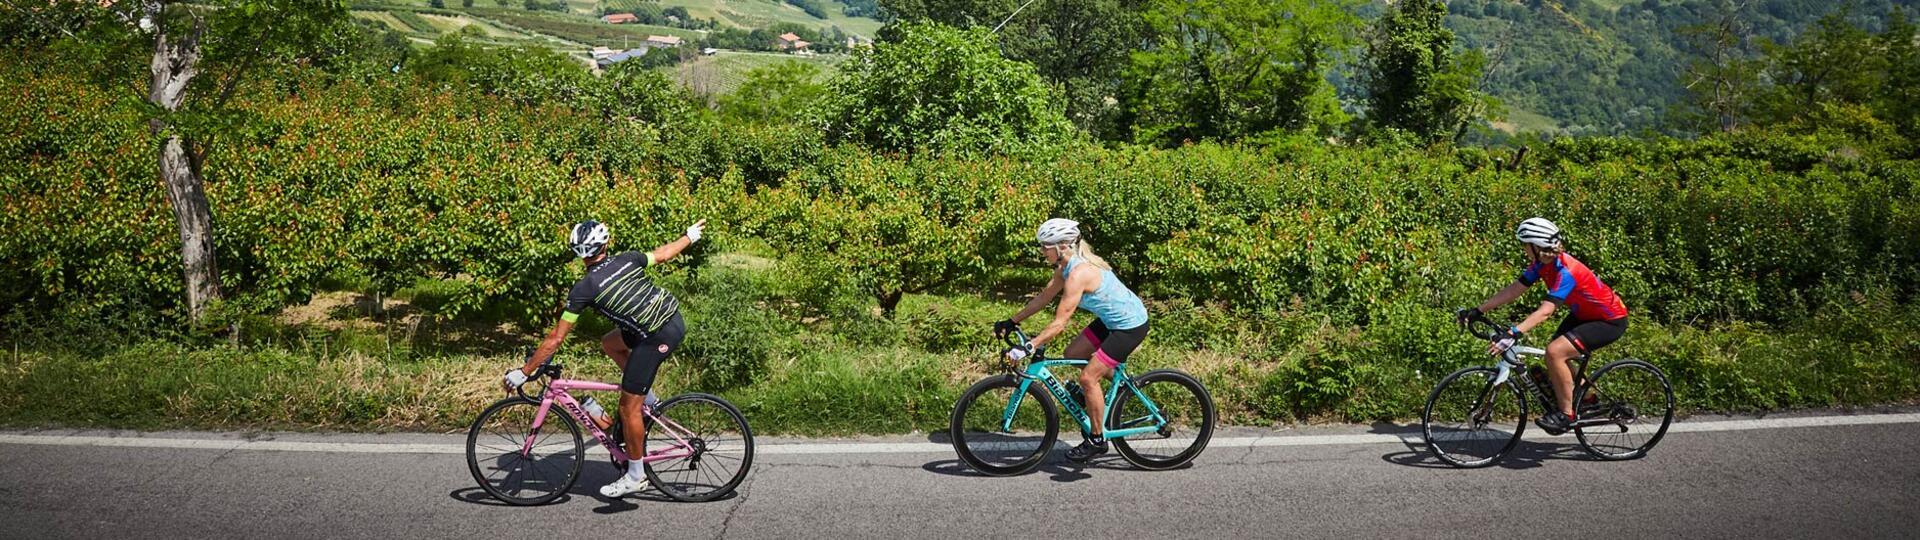 cycling.oxygenhotel de strassen-radwege-rimini 012